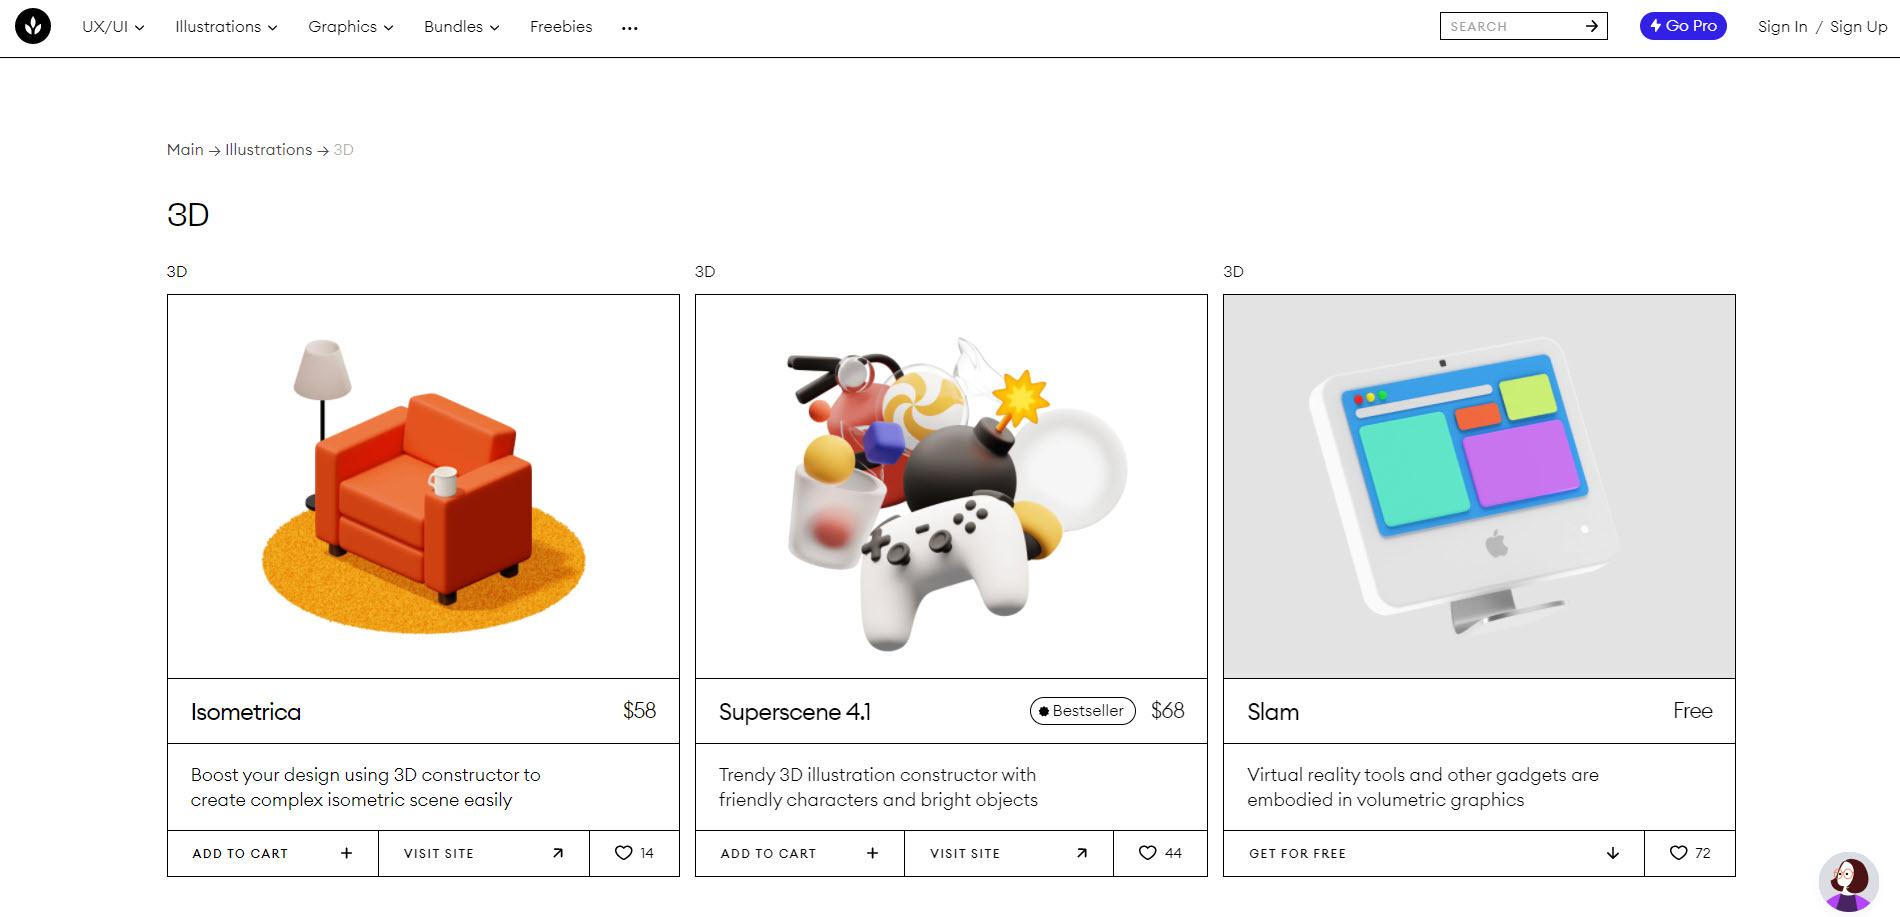 معرفی ۴ سایت دانلود رایگان وکتور سه بعدی برای طراحی سایت